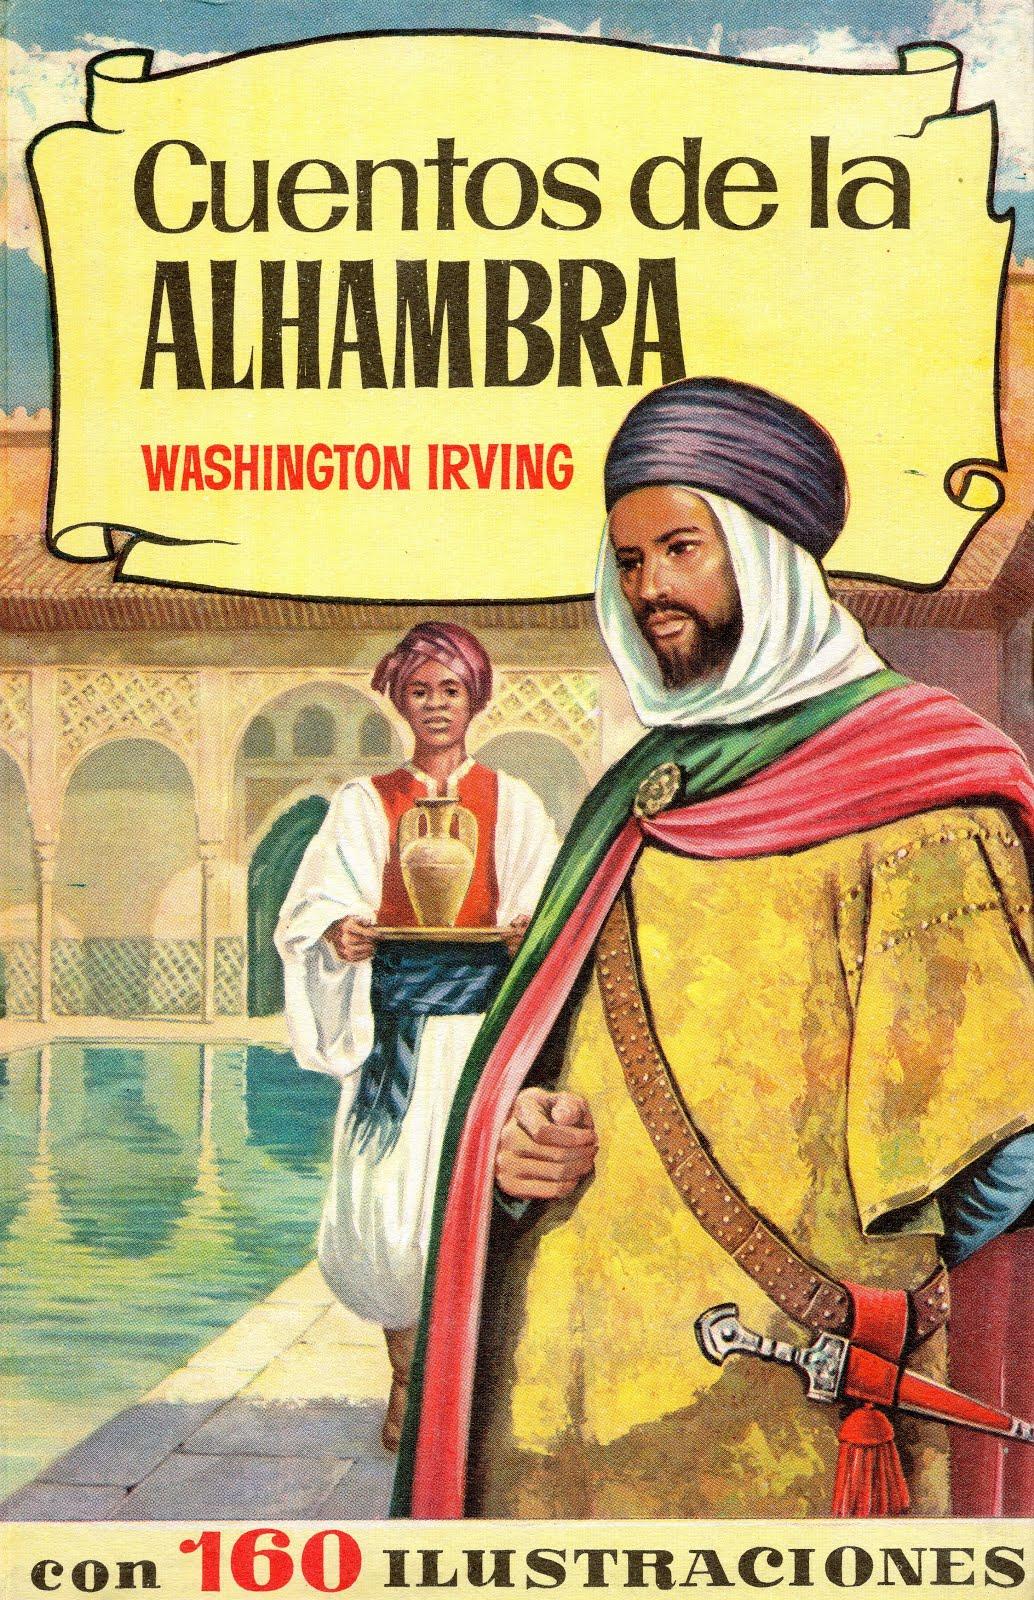 Próximamente: Cuentos de la Alhambra, 1964 Col. Historias, Ed. Bruguera